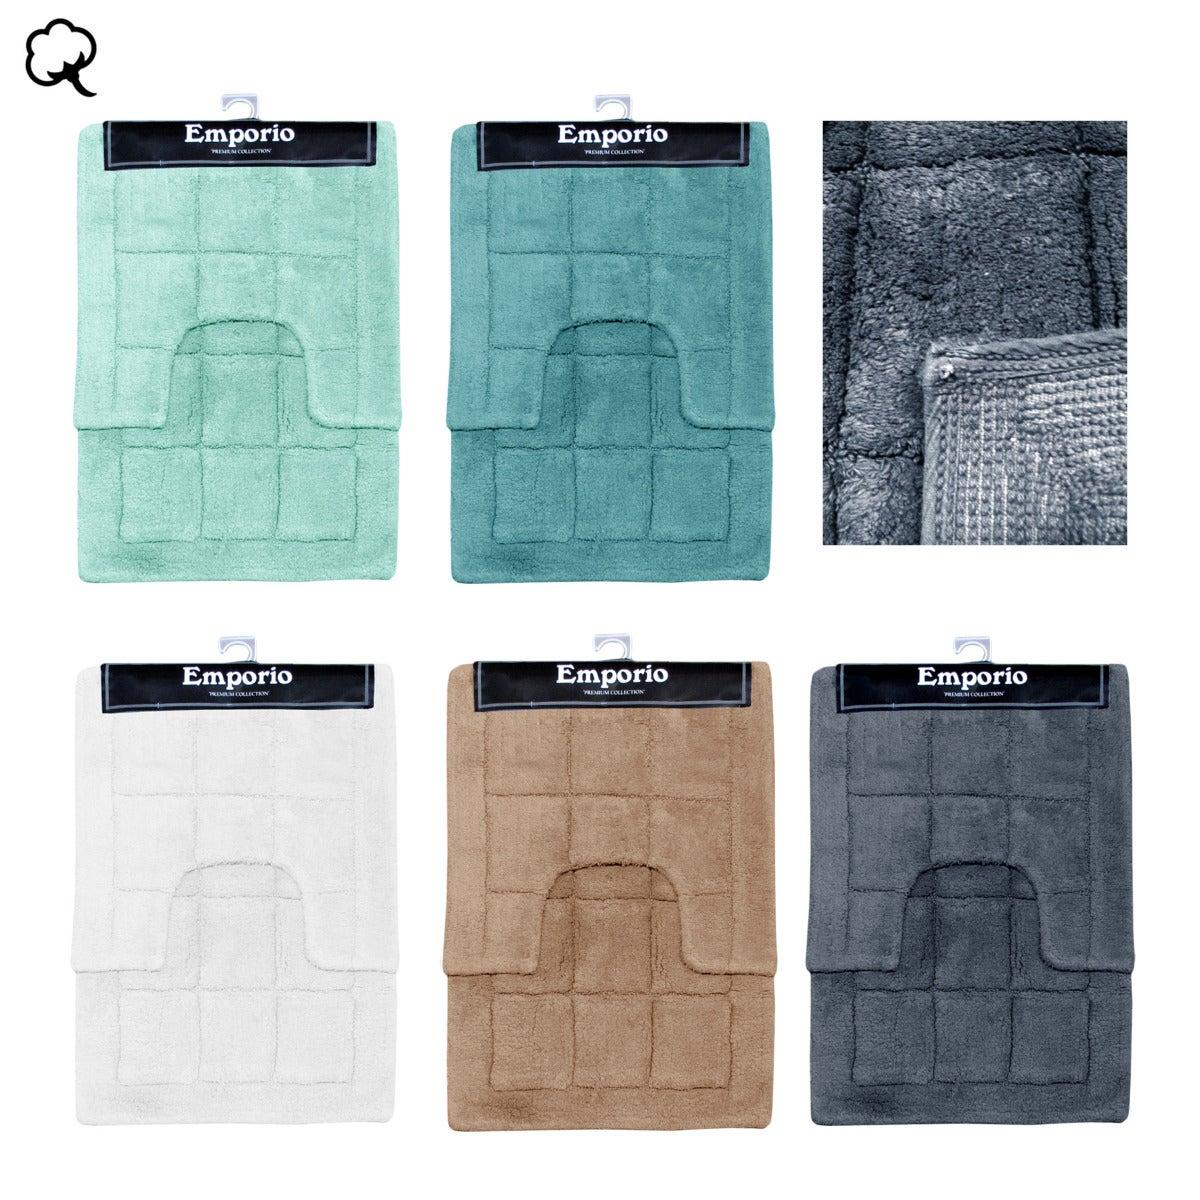 2 Pce Brick 100% Cotton Bath Mat & Contour Set